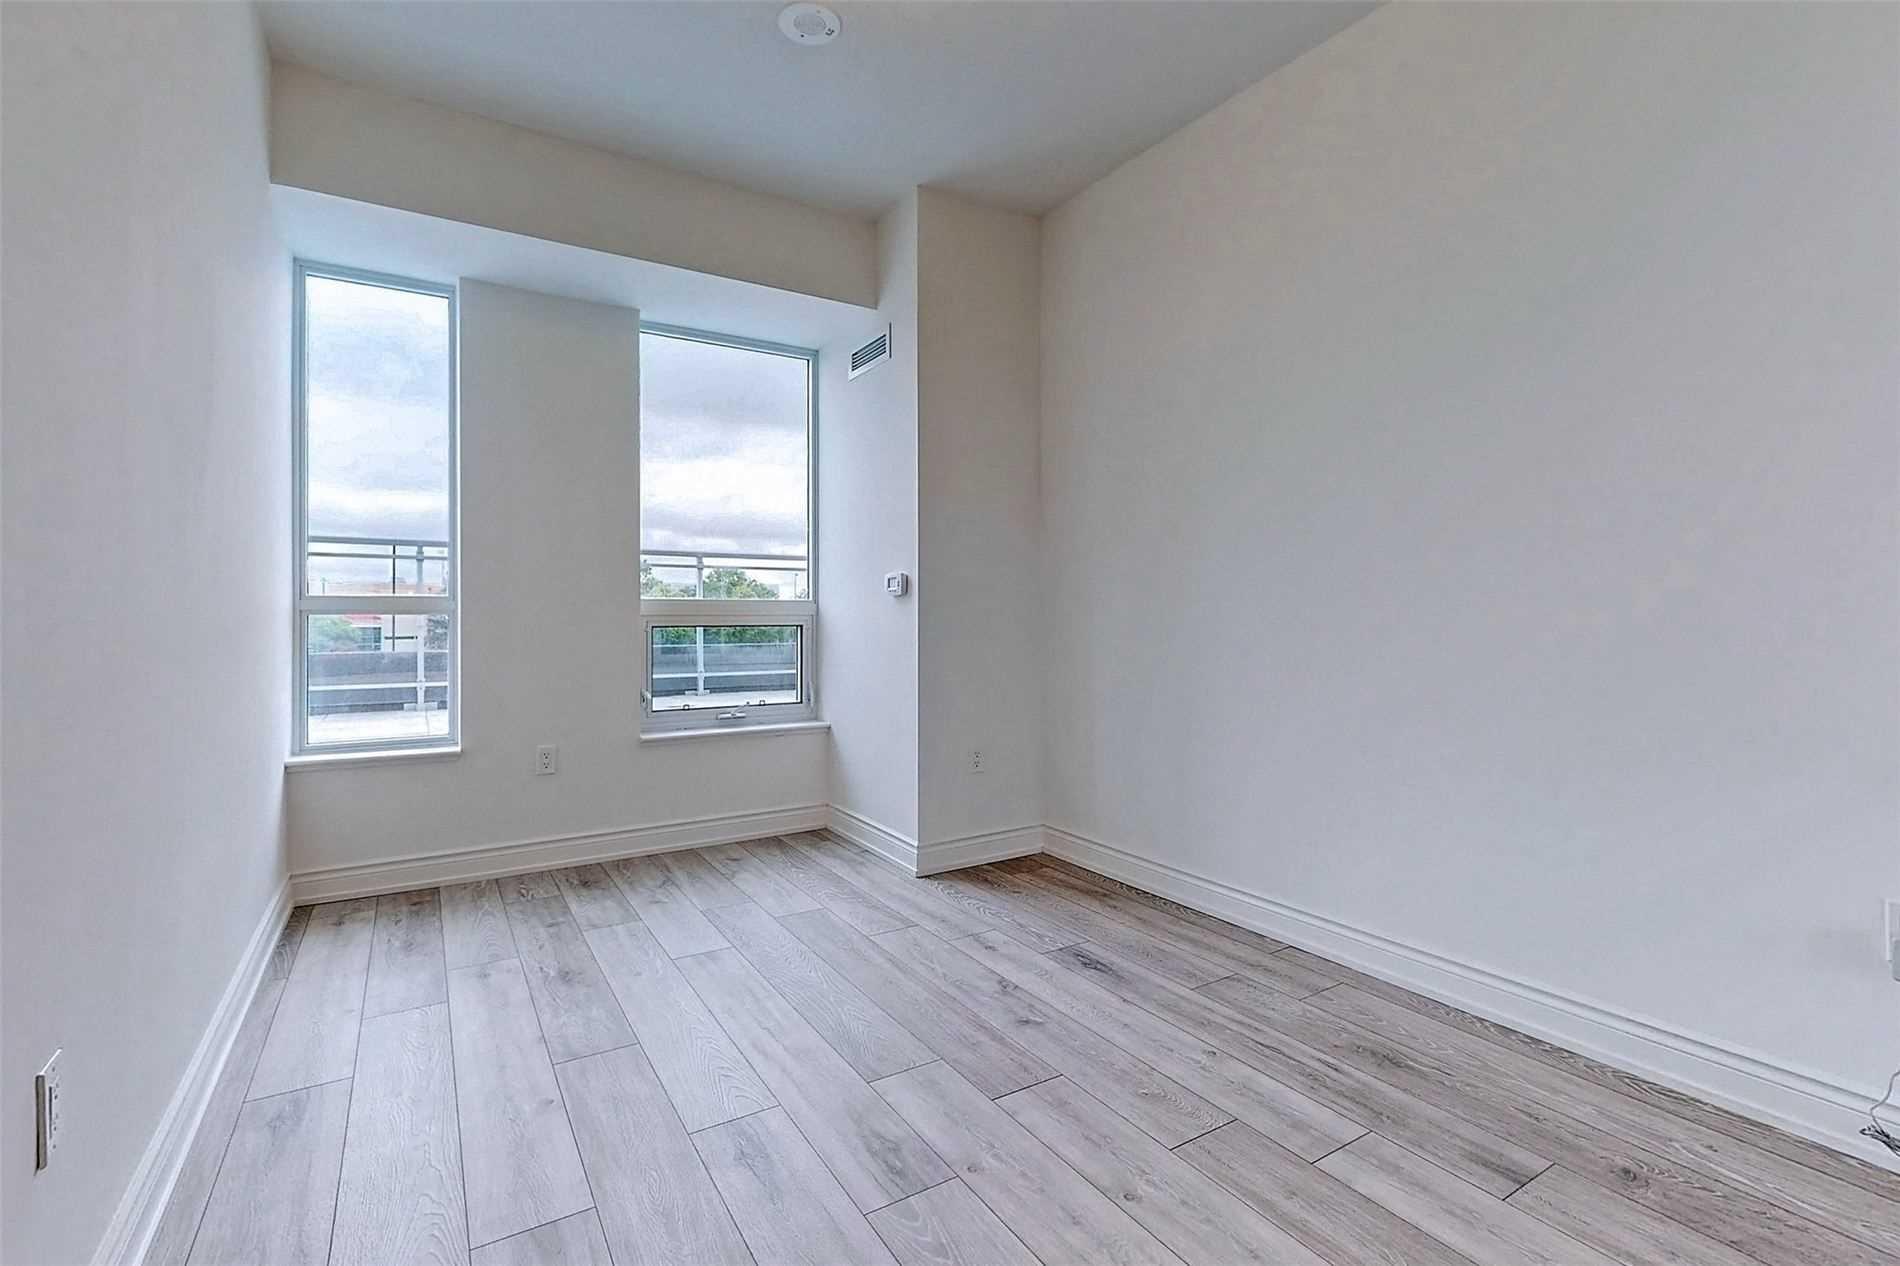 221 - 1050 Main St E - Dempsey Condo Apt for sale, 3 Bedrooms (W5398557) - #24